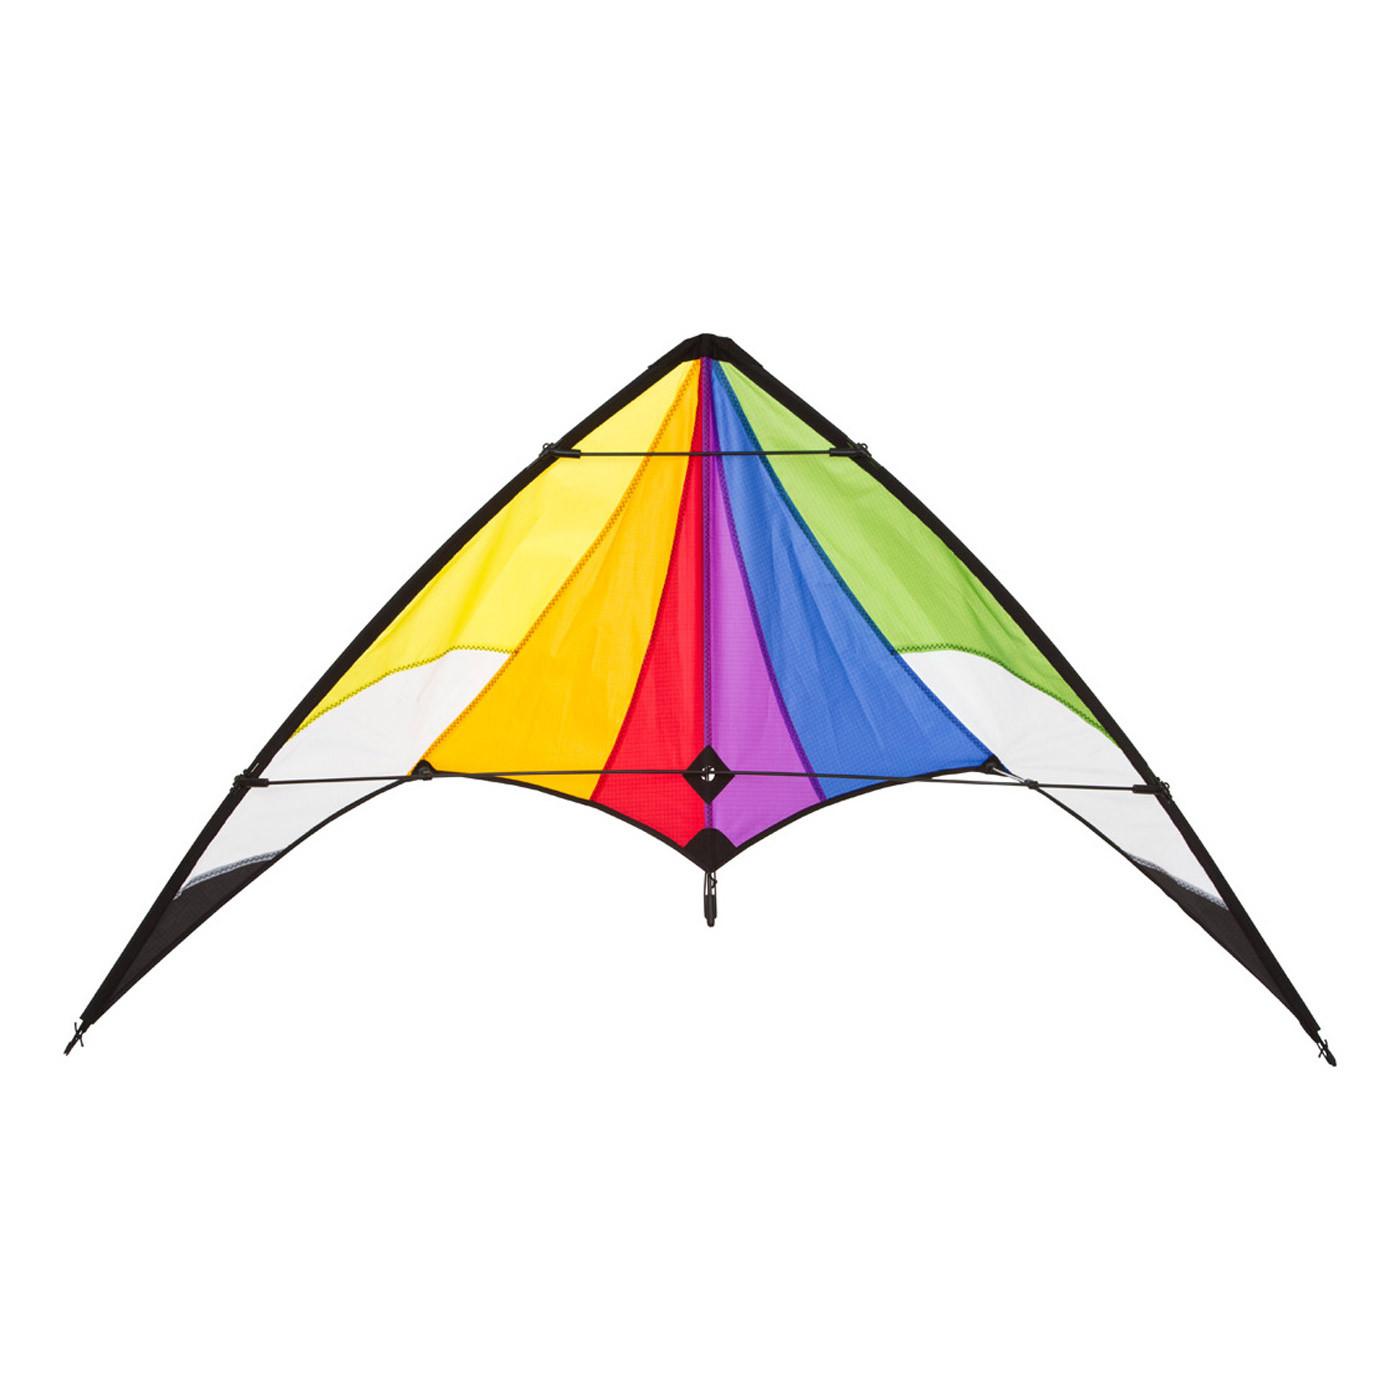 Stunt Kite Orion Rainbow Stunt Kites Wind Designs